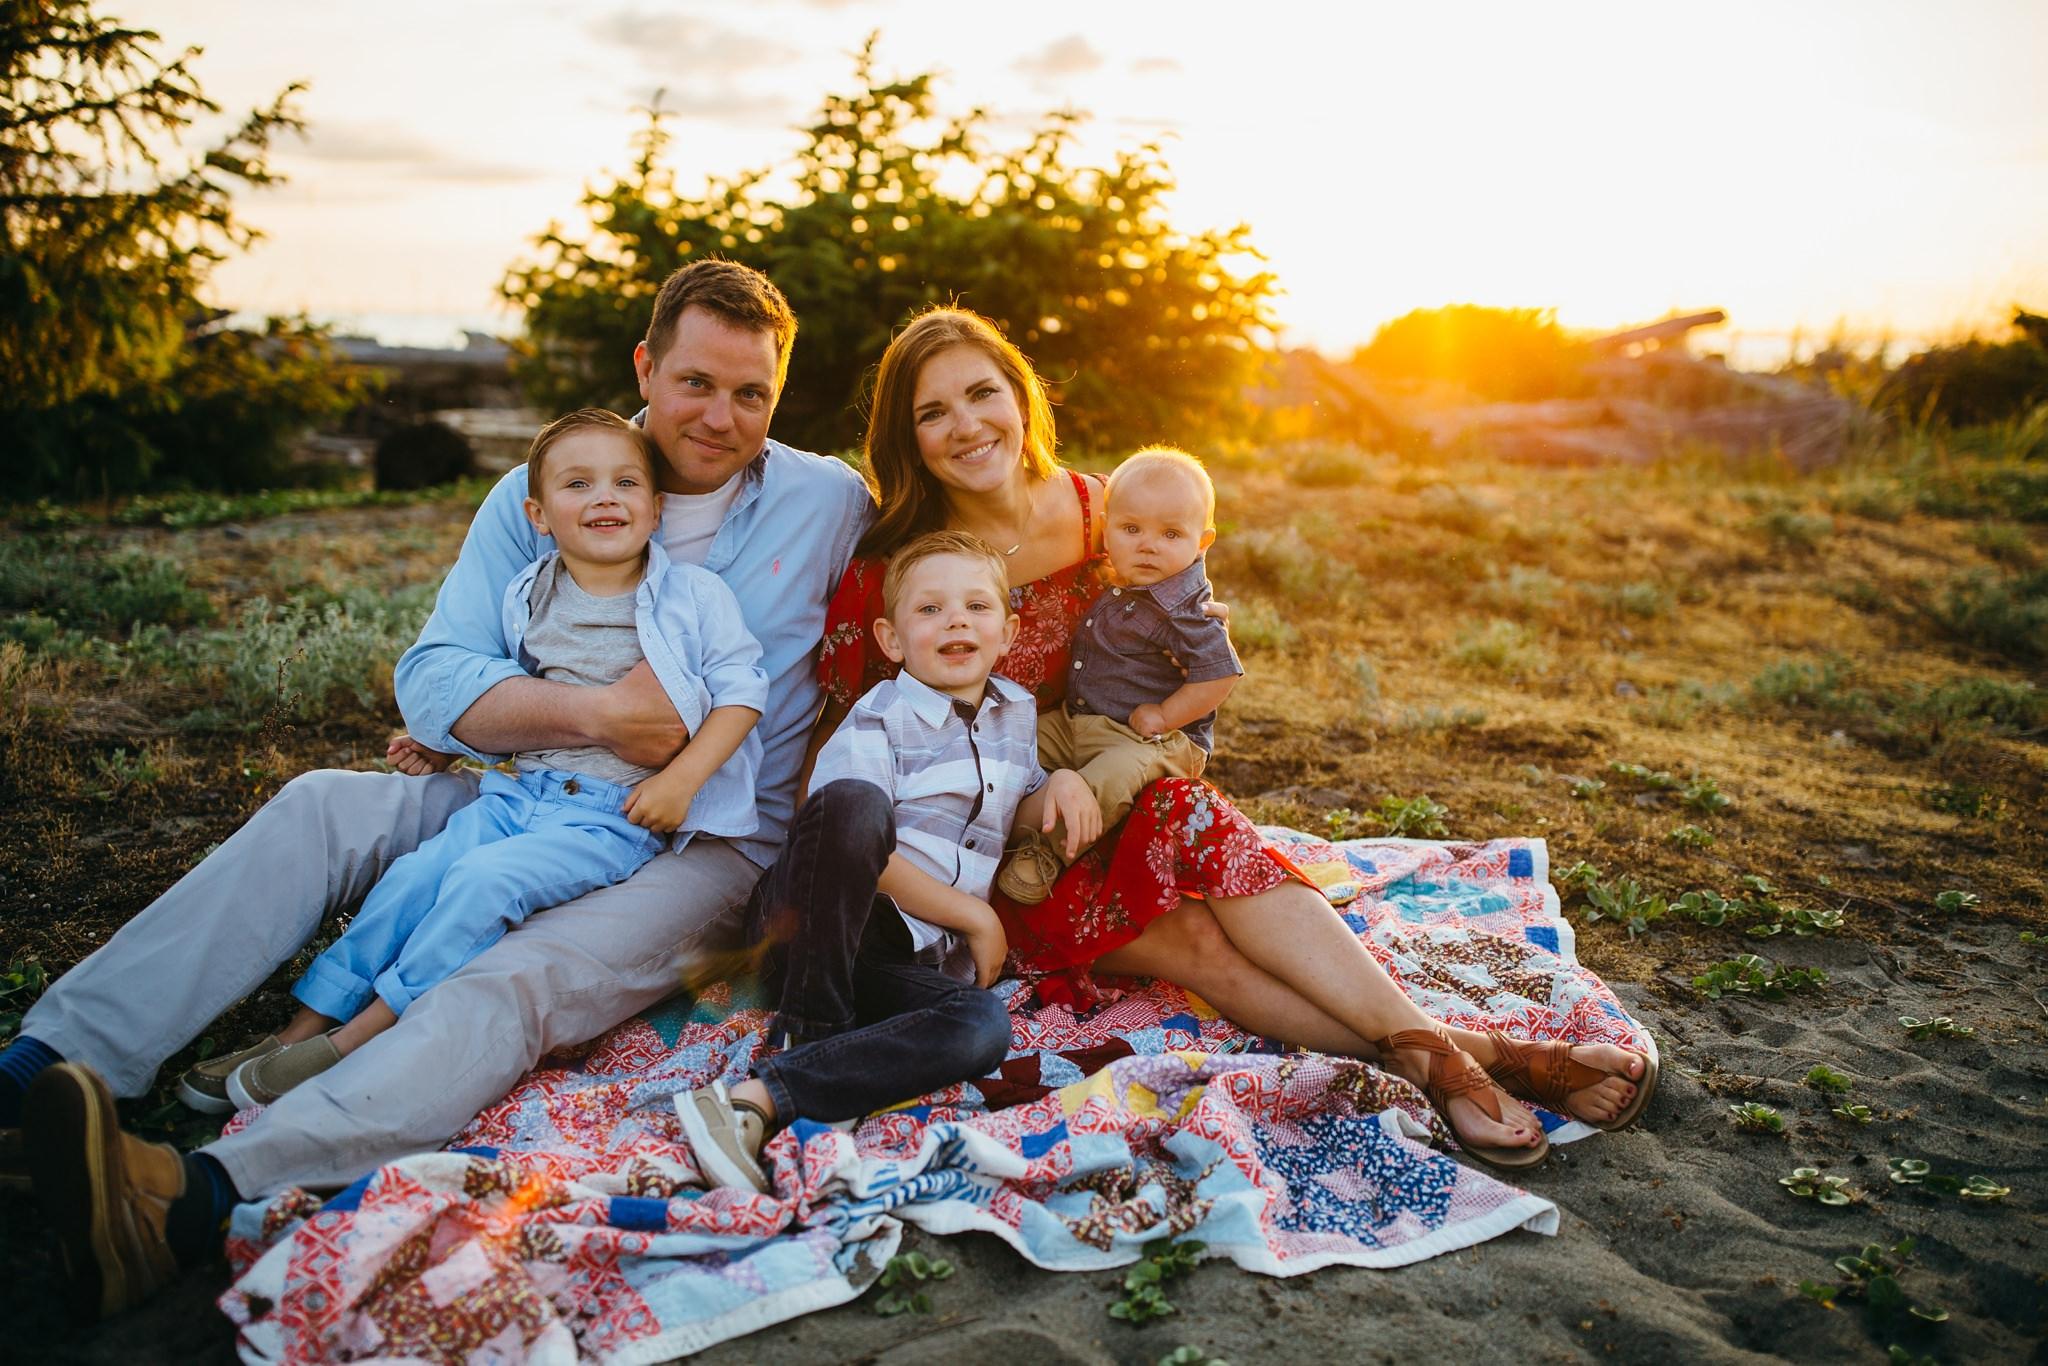 Family snuggles on blanket | Oak Harbor Family Photographer